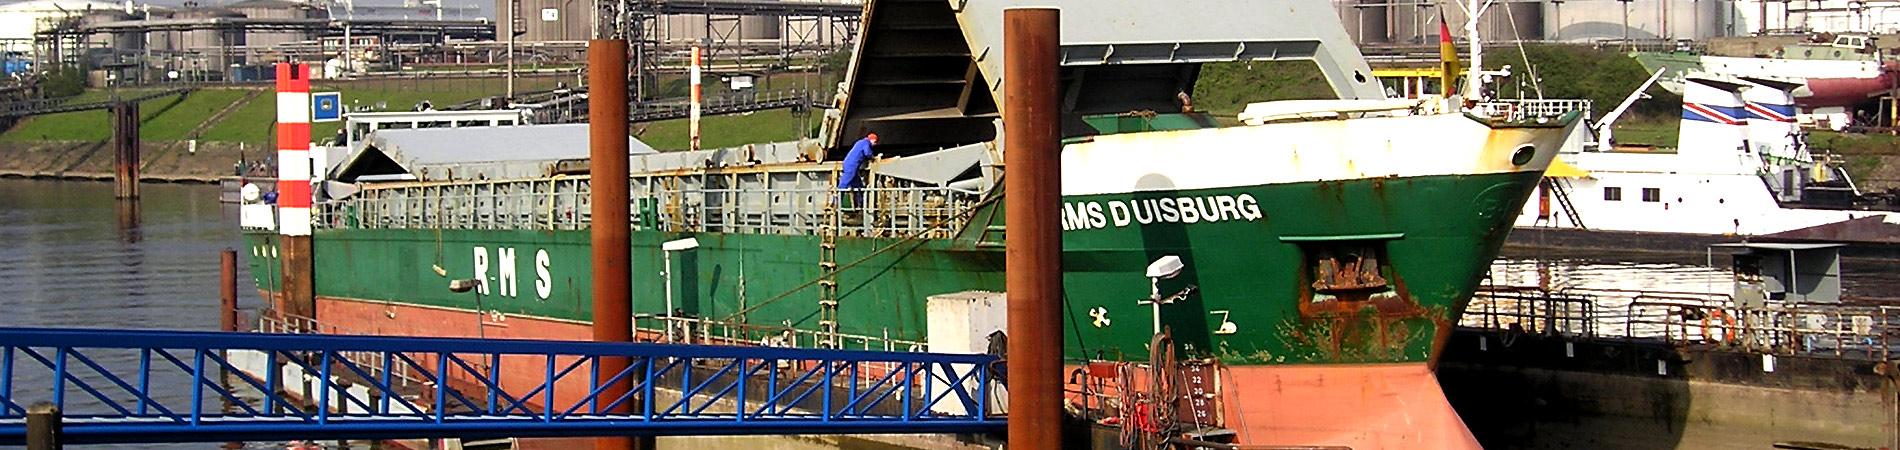 Meidericher Schiffswerft MSW Duisburg - Kontakt